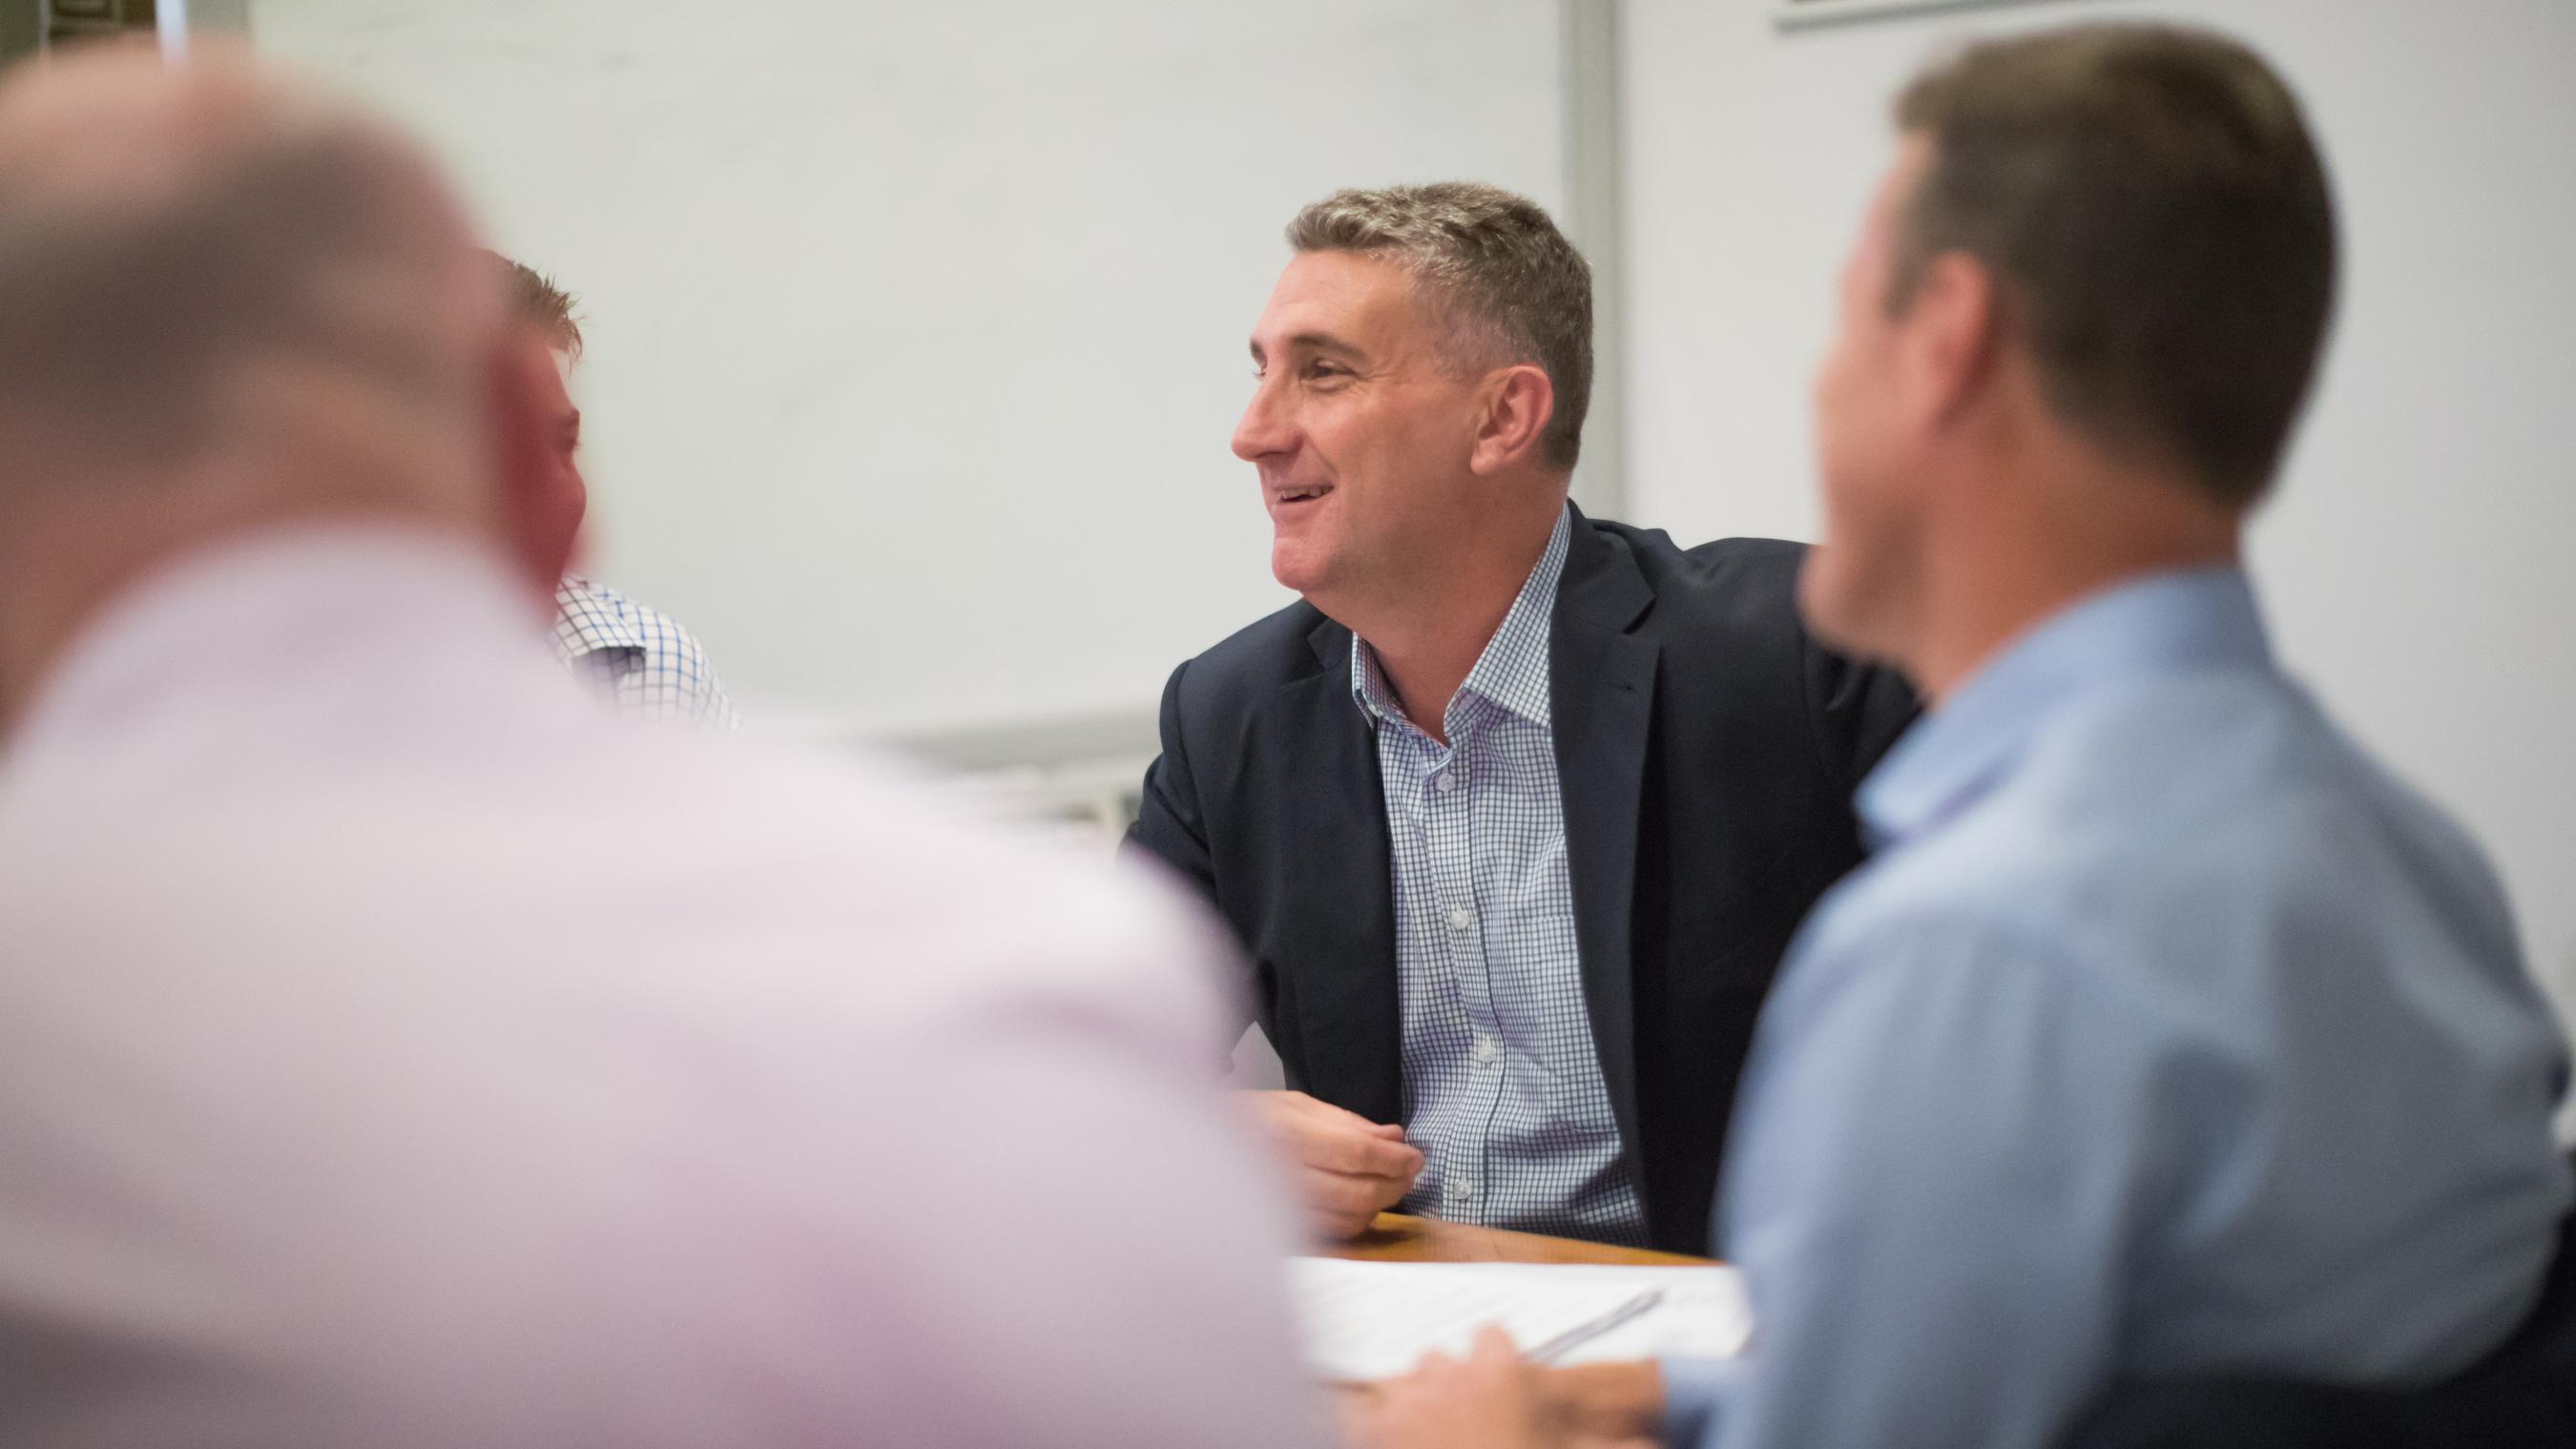 craig west in board meeting